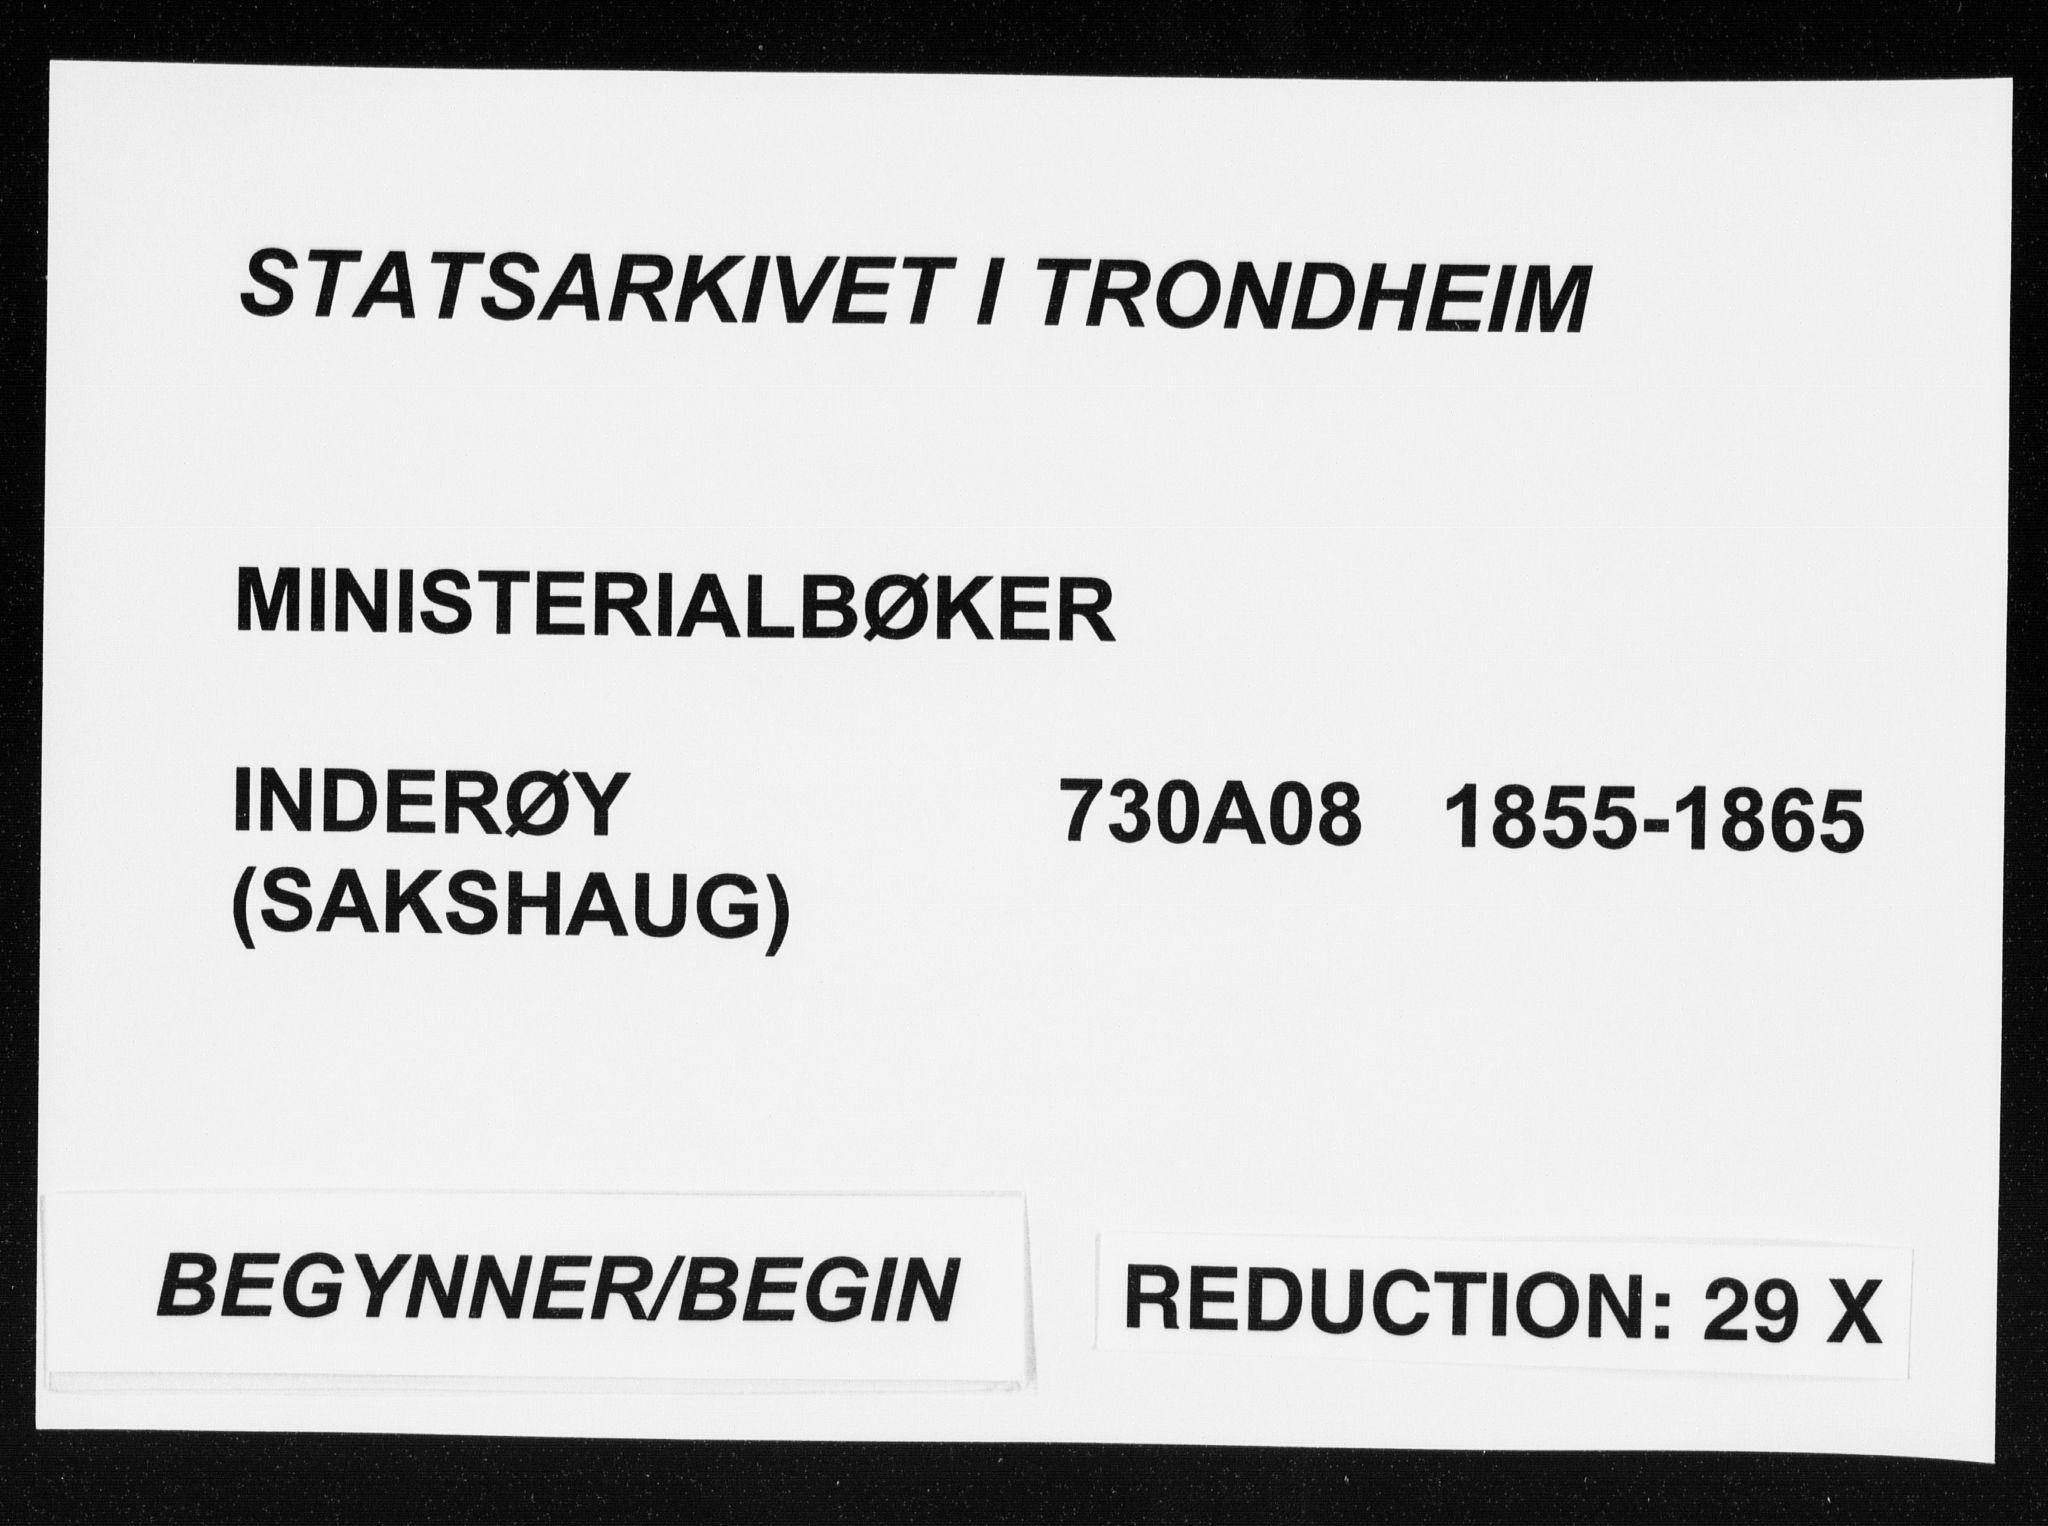 SAT, Ministerialprotokoller, klokkerbøker og fødselsregistre - Nord-Trøndelag, 730/L0283: Ministerialbok nr. 730A08, 1855-1865